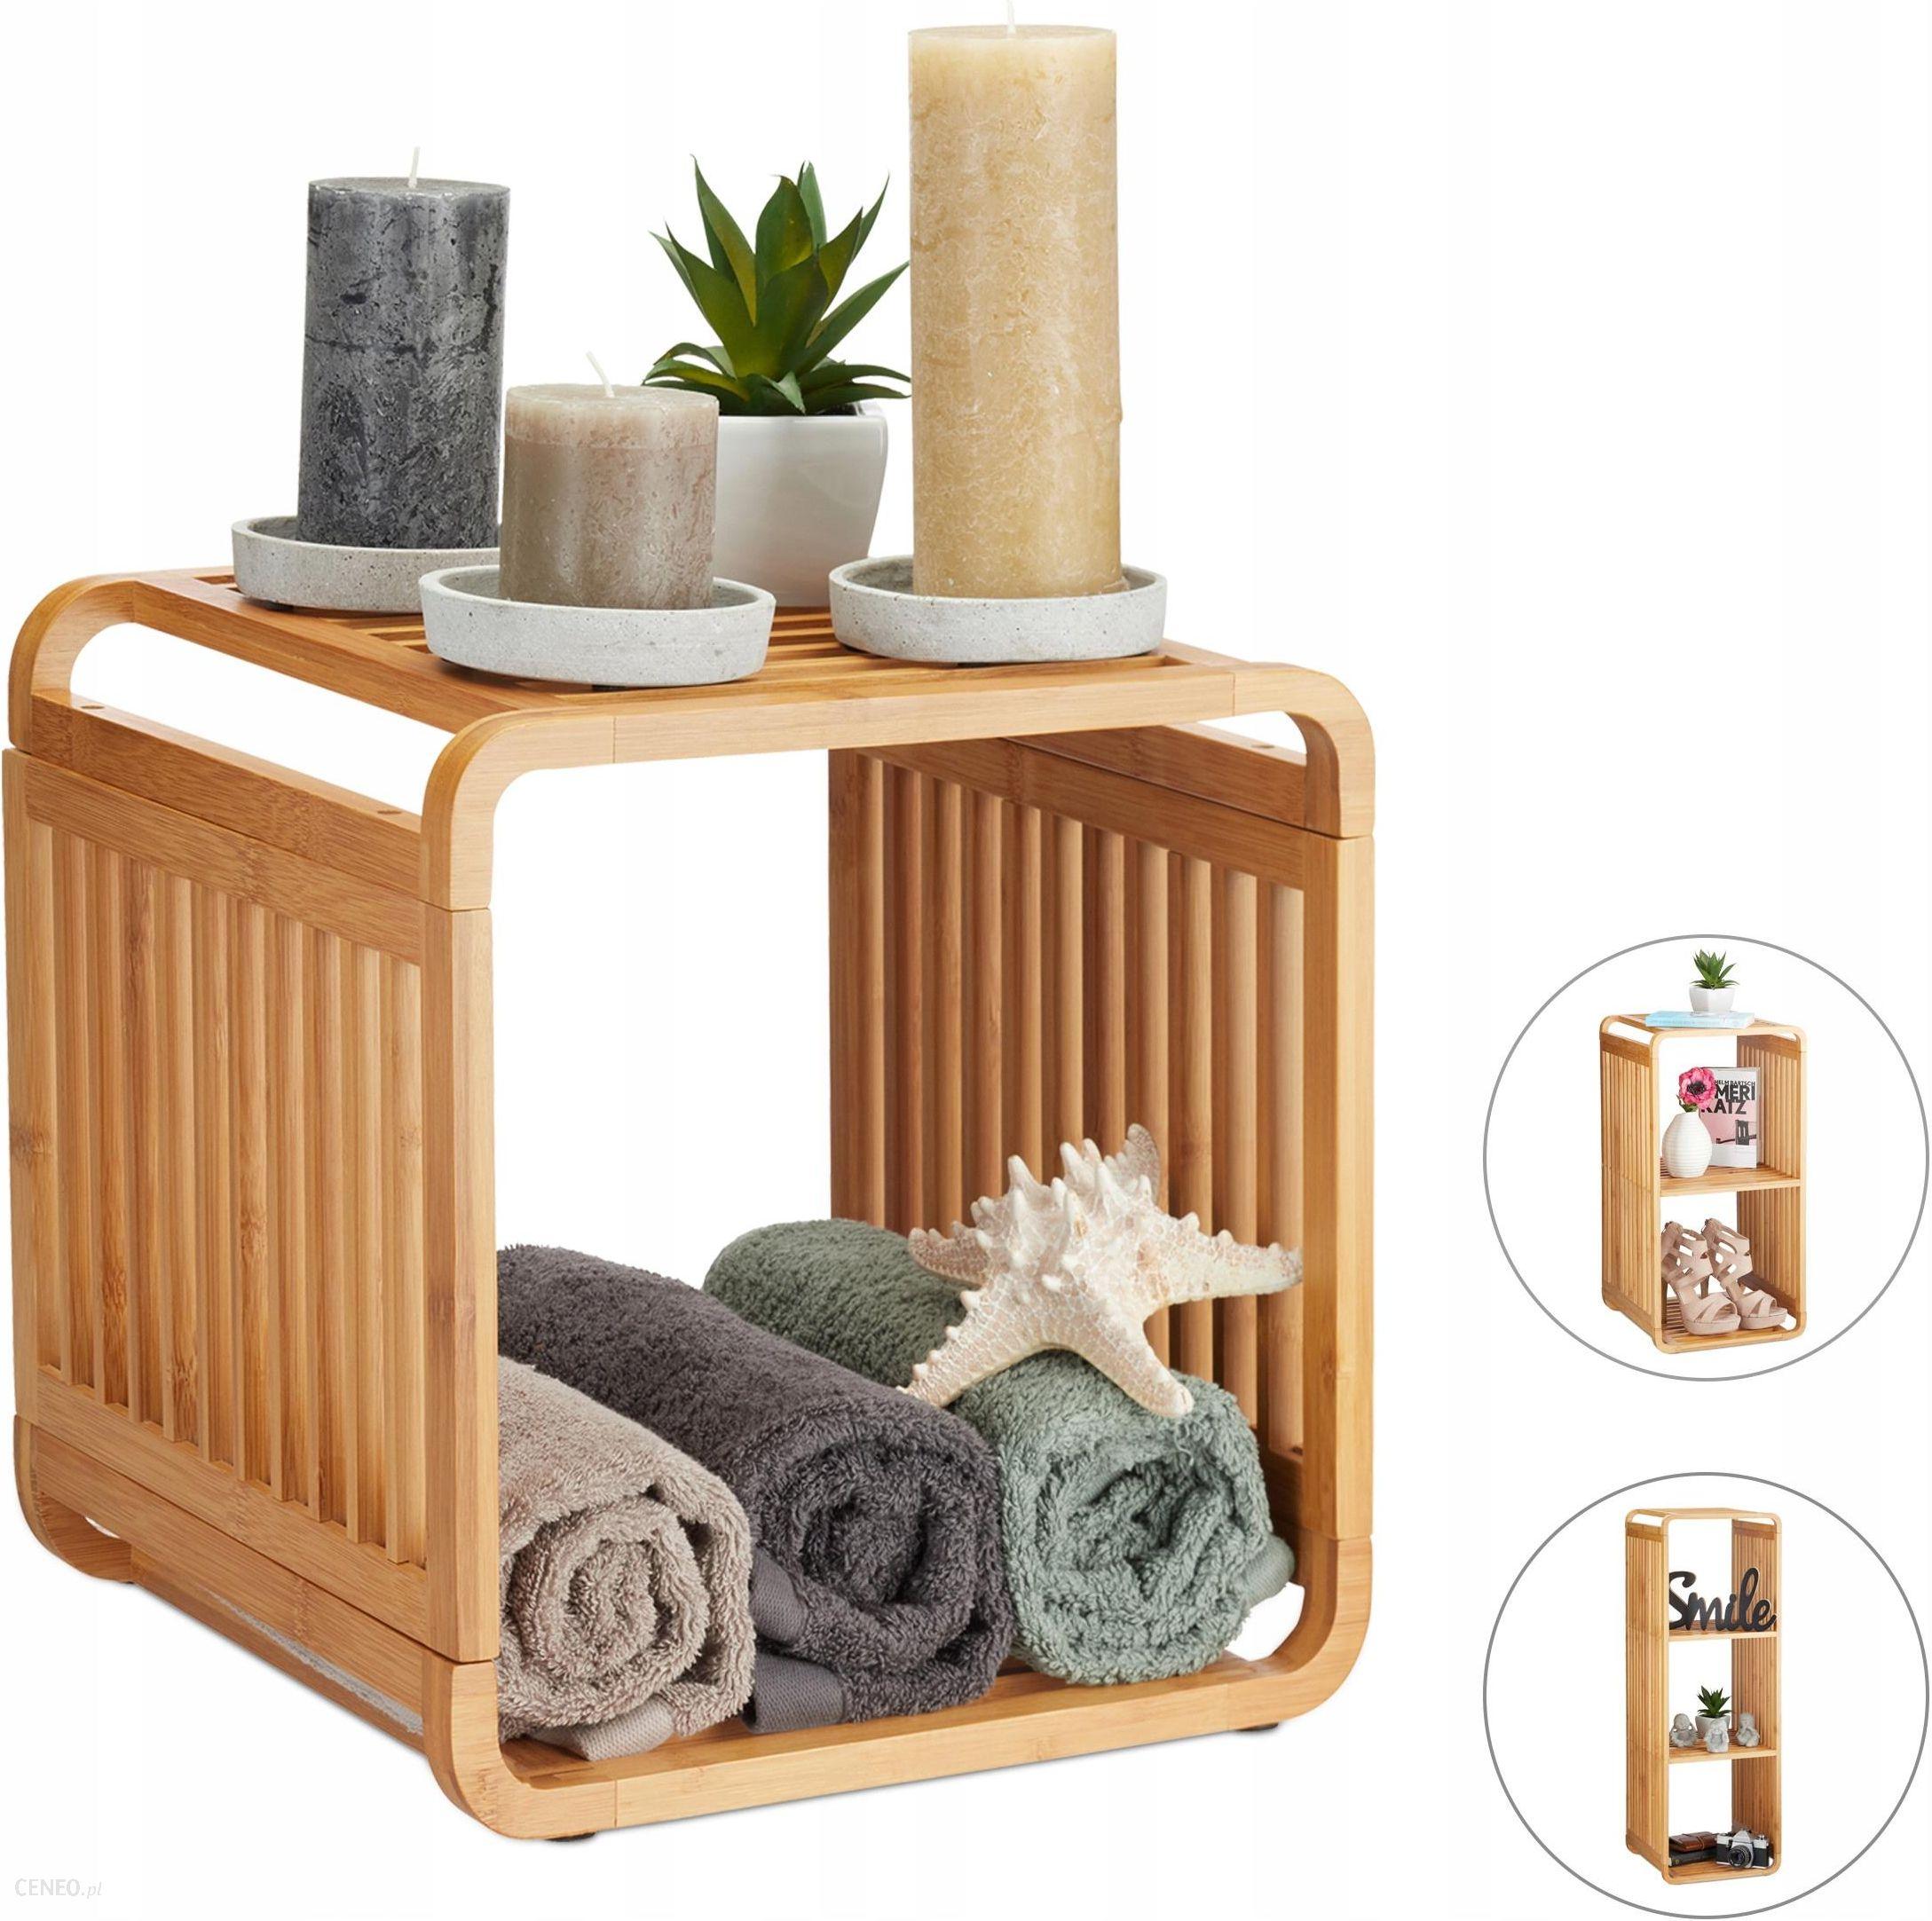 Regał łazienkowy Szafka Do Kuchni 2 Półki Bambus Opinie I Atrakcyjne Ceny Na Ceneopl